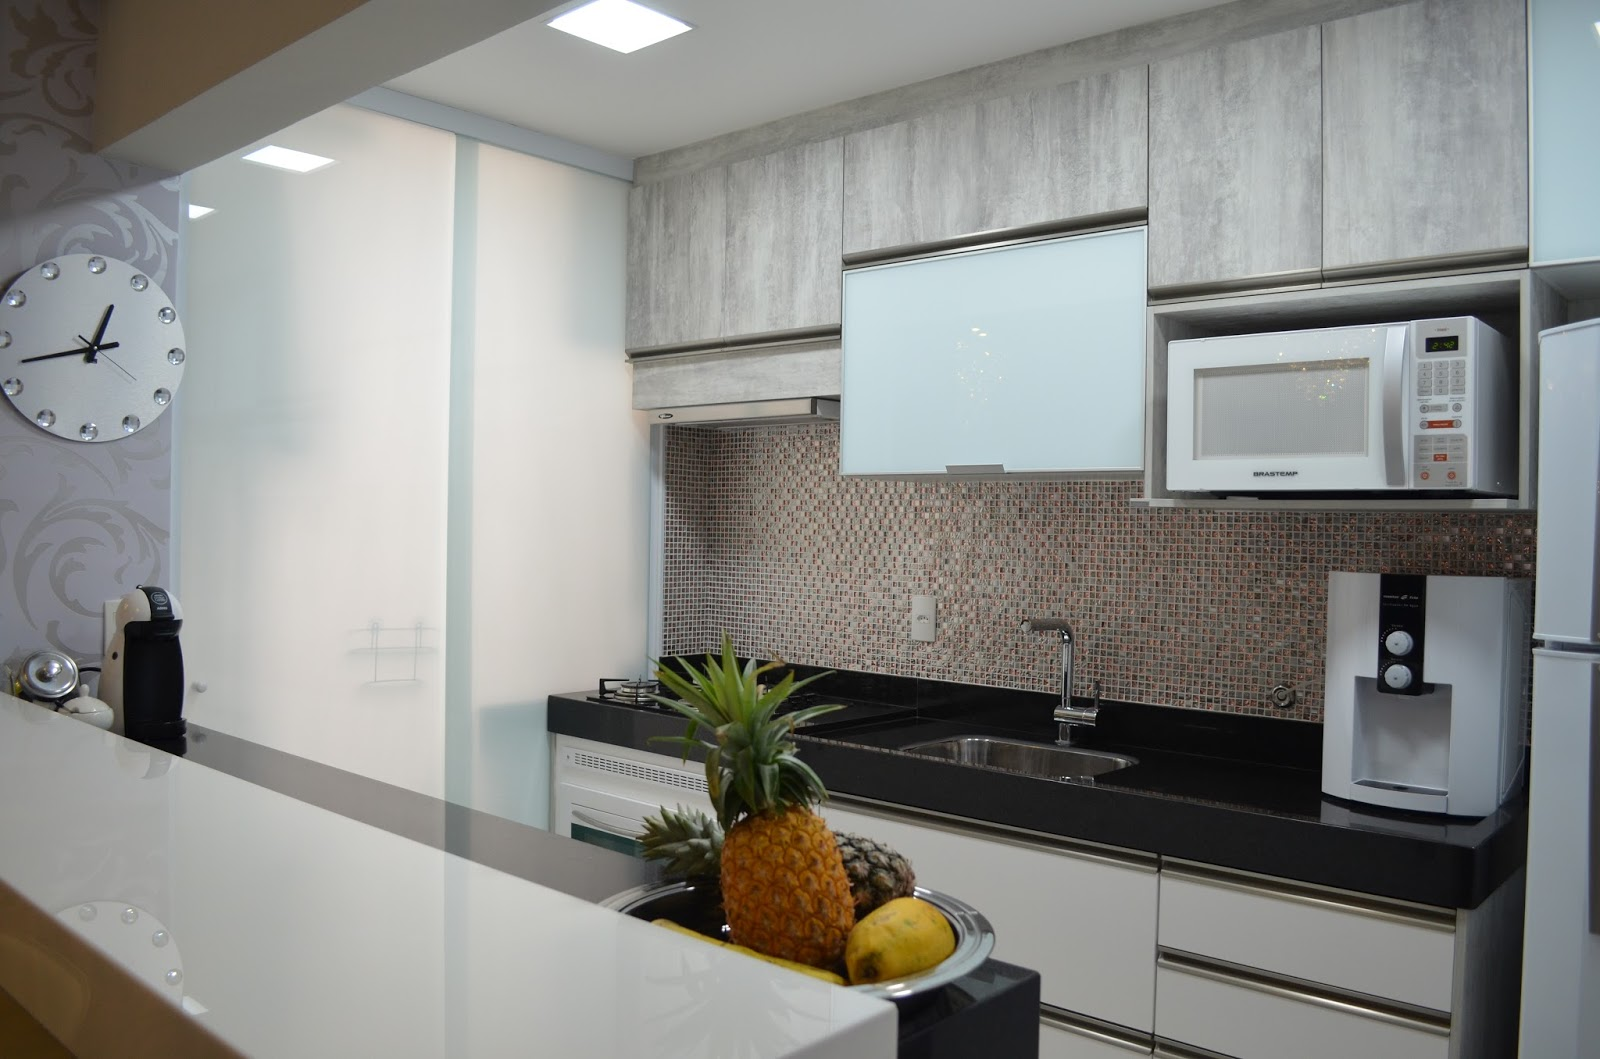 Construindo Minha Casa Clean: 50 Cozinhas Pequenas de Corredor Veja  #5E4730 1600 1059